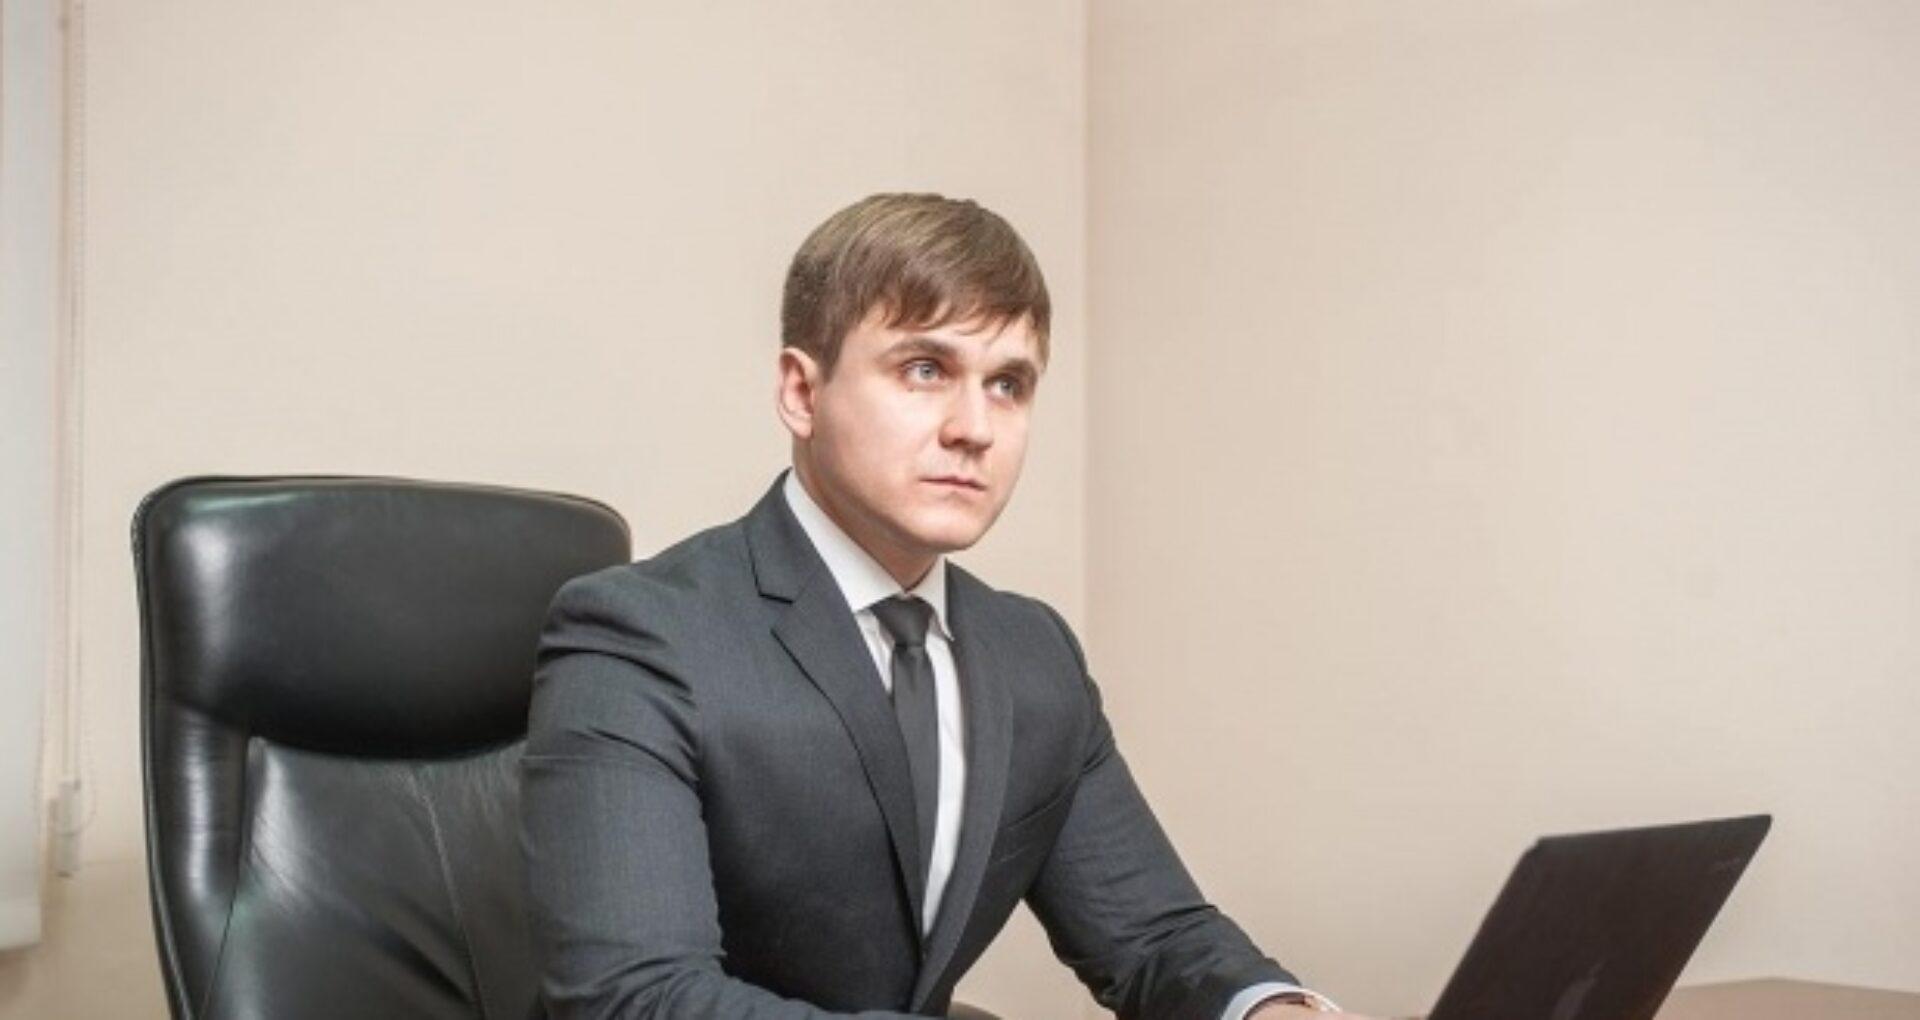 Directorul general al Moldtelecom, Dan Mitriuc, şi-a prezentat demisia